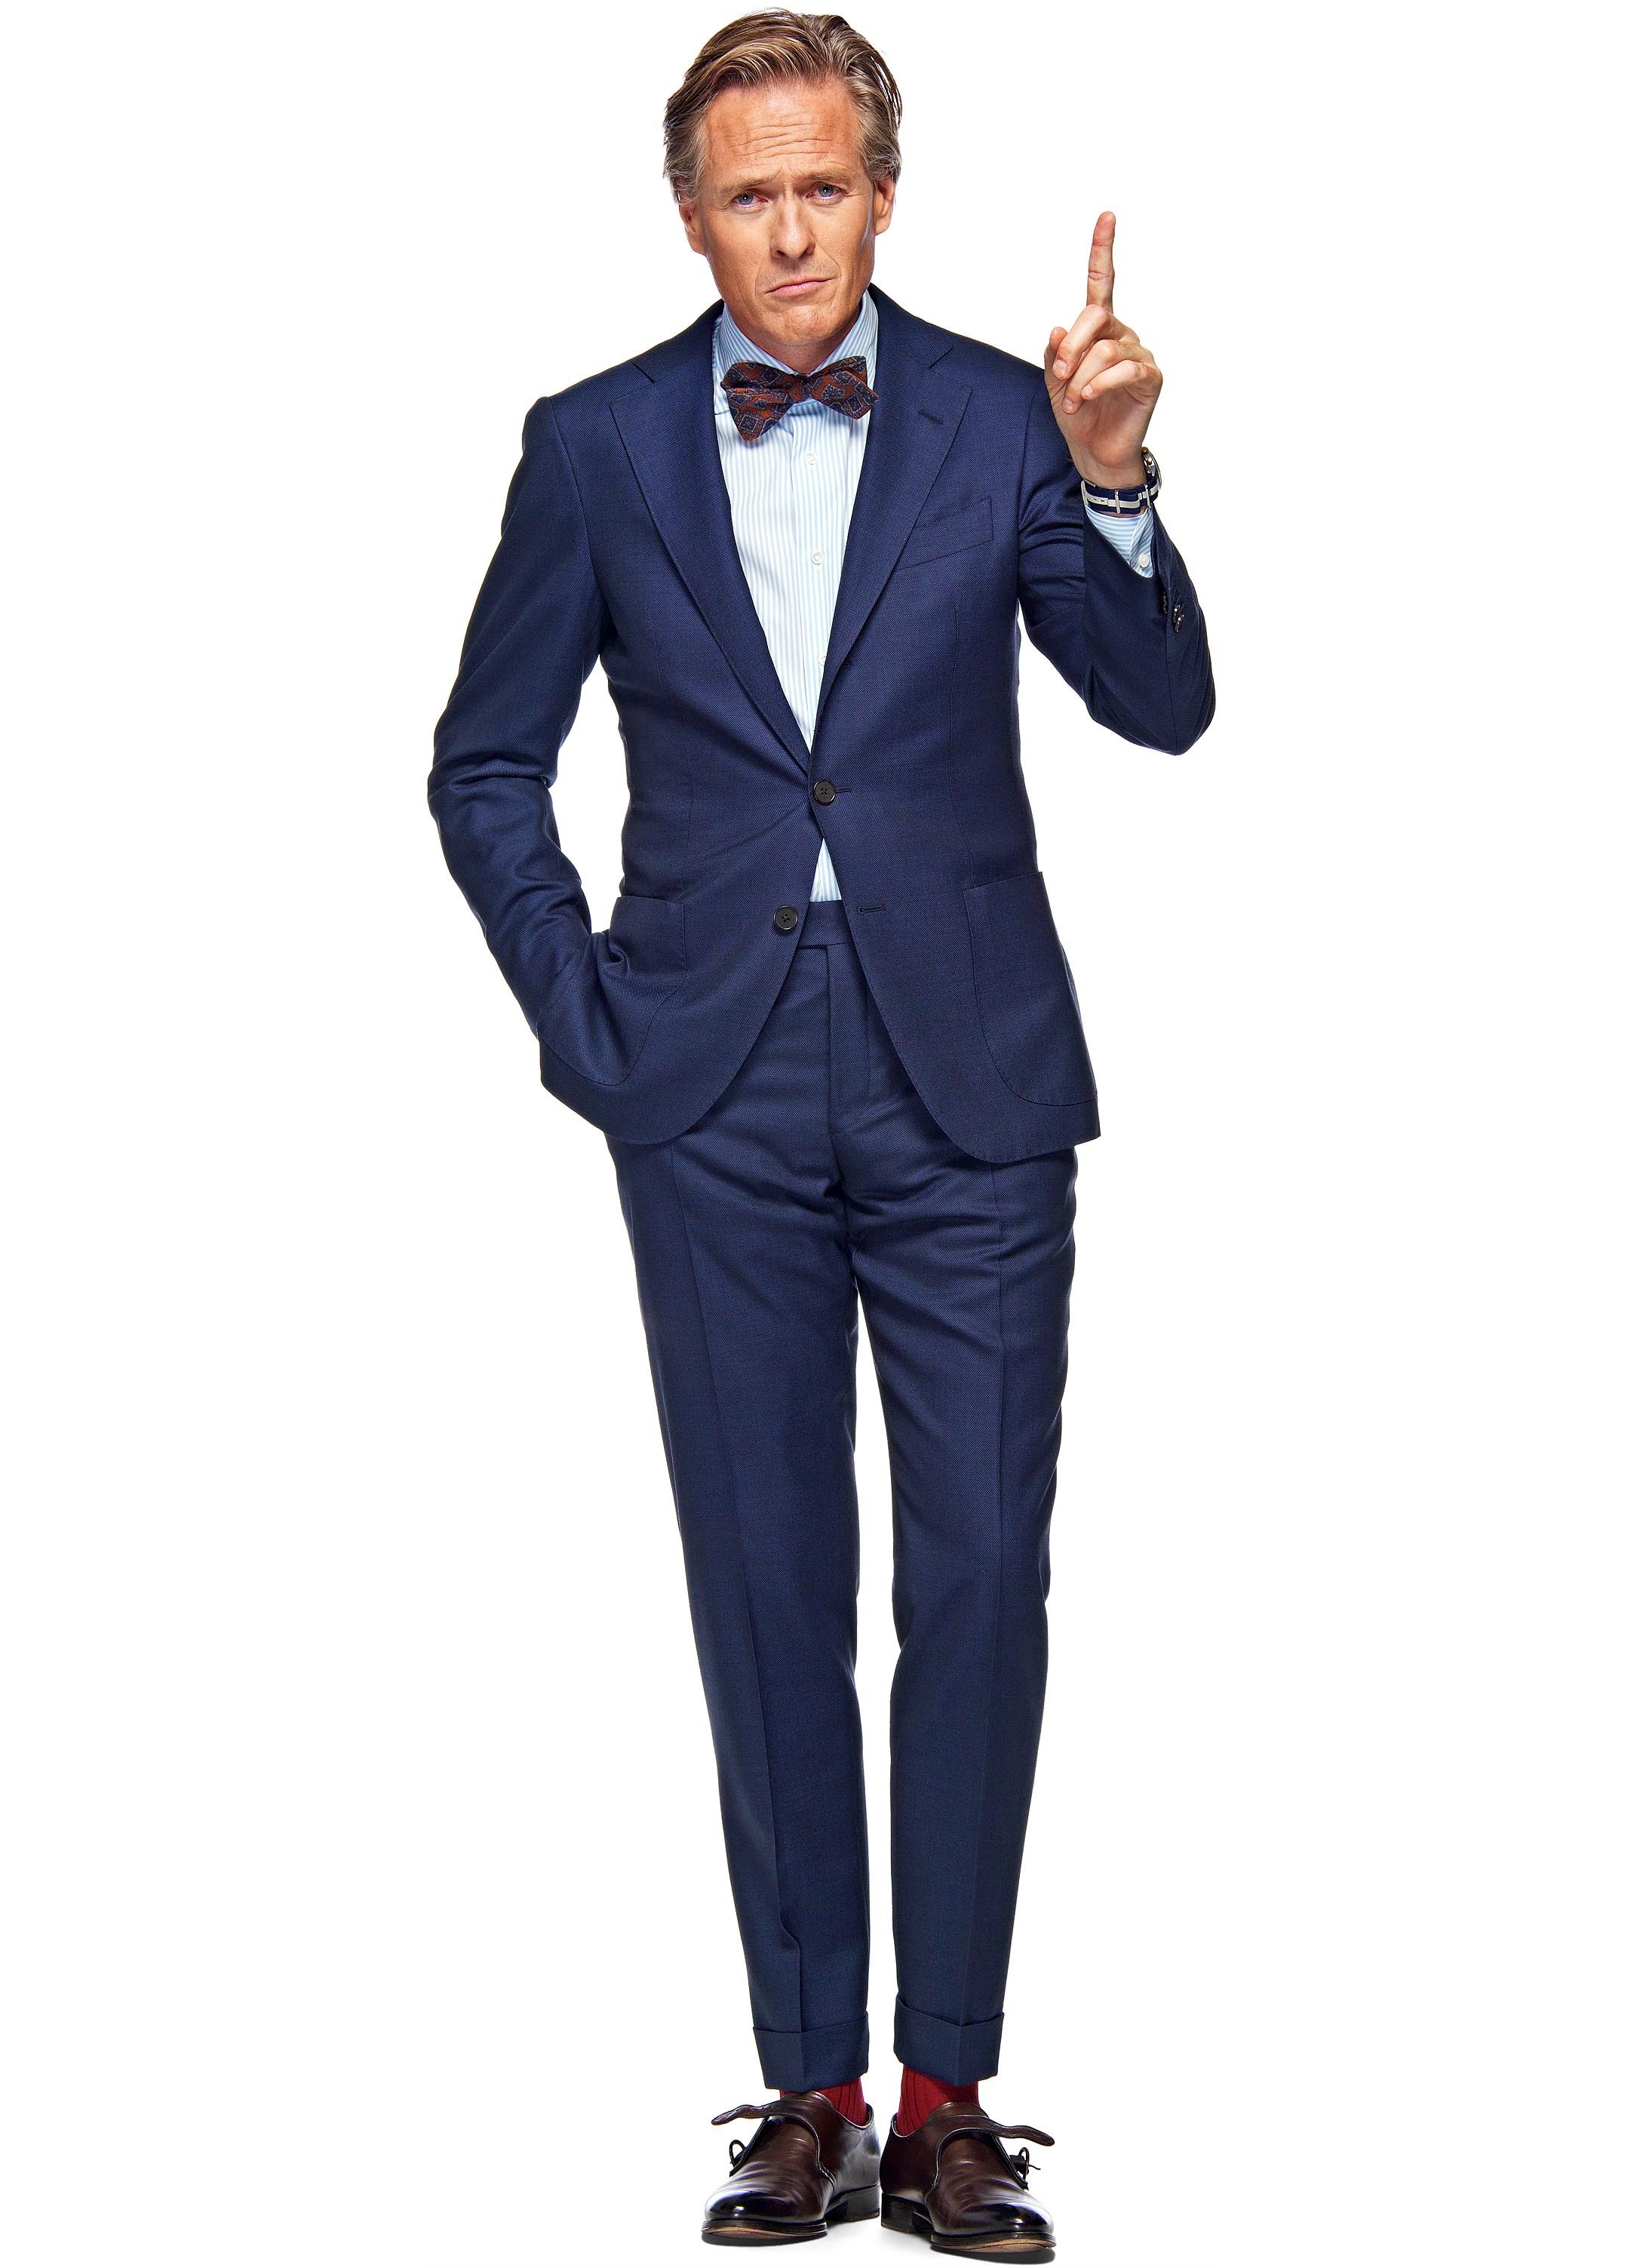 Suits_Blue_Plain_Jort_P3770_Suitsupply_Online_Store_1.jpg